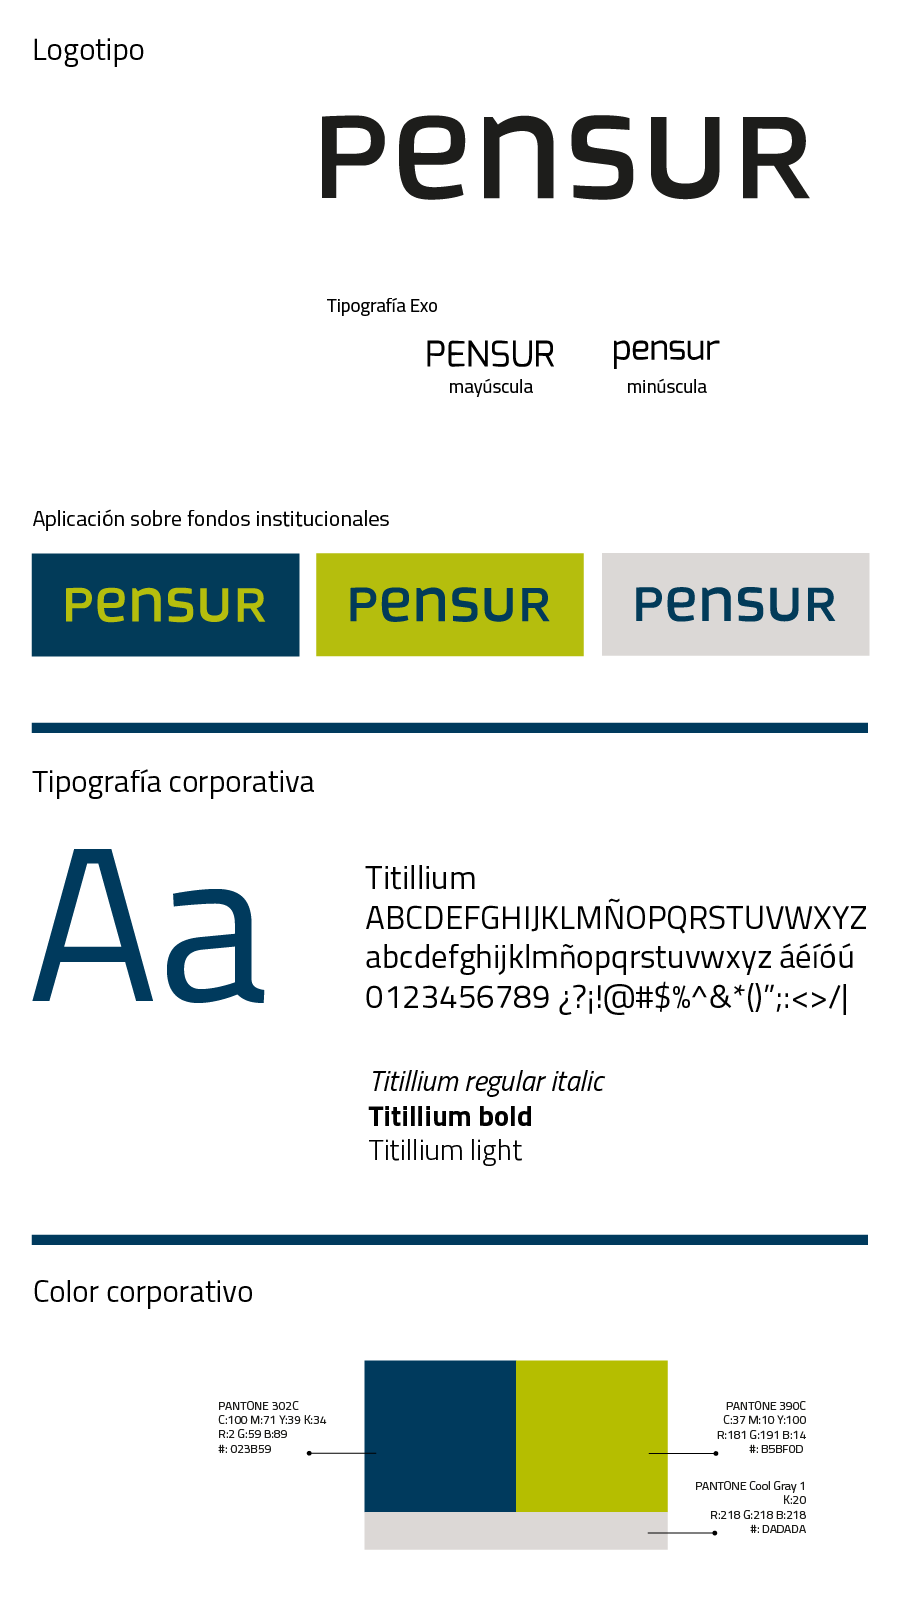 Pensur_web-04